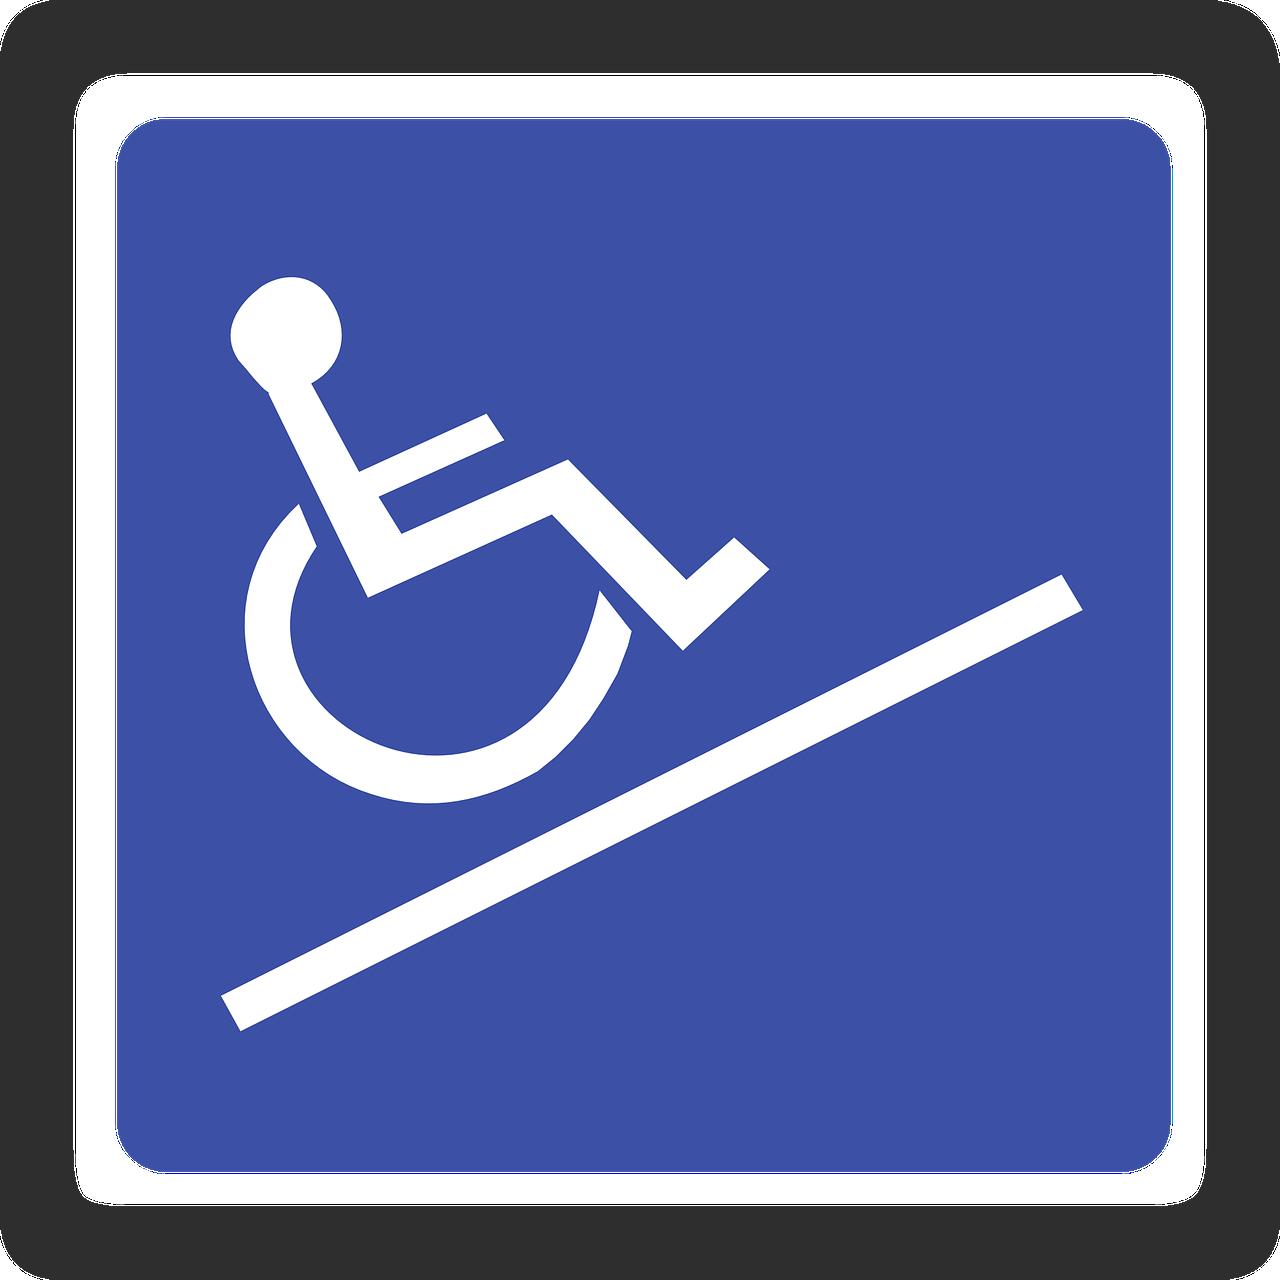 MEE Brabant Noord beoordelingen instelling gehandicaptenzorg verstandelijk gehandicapten